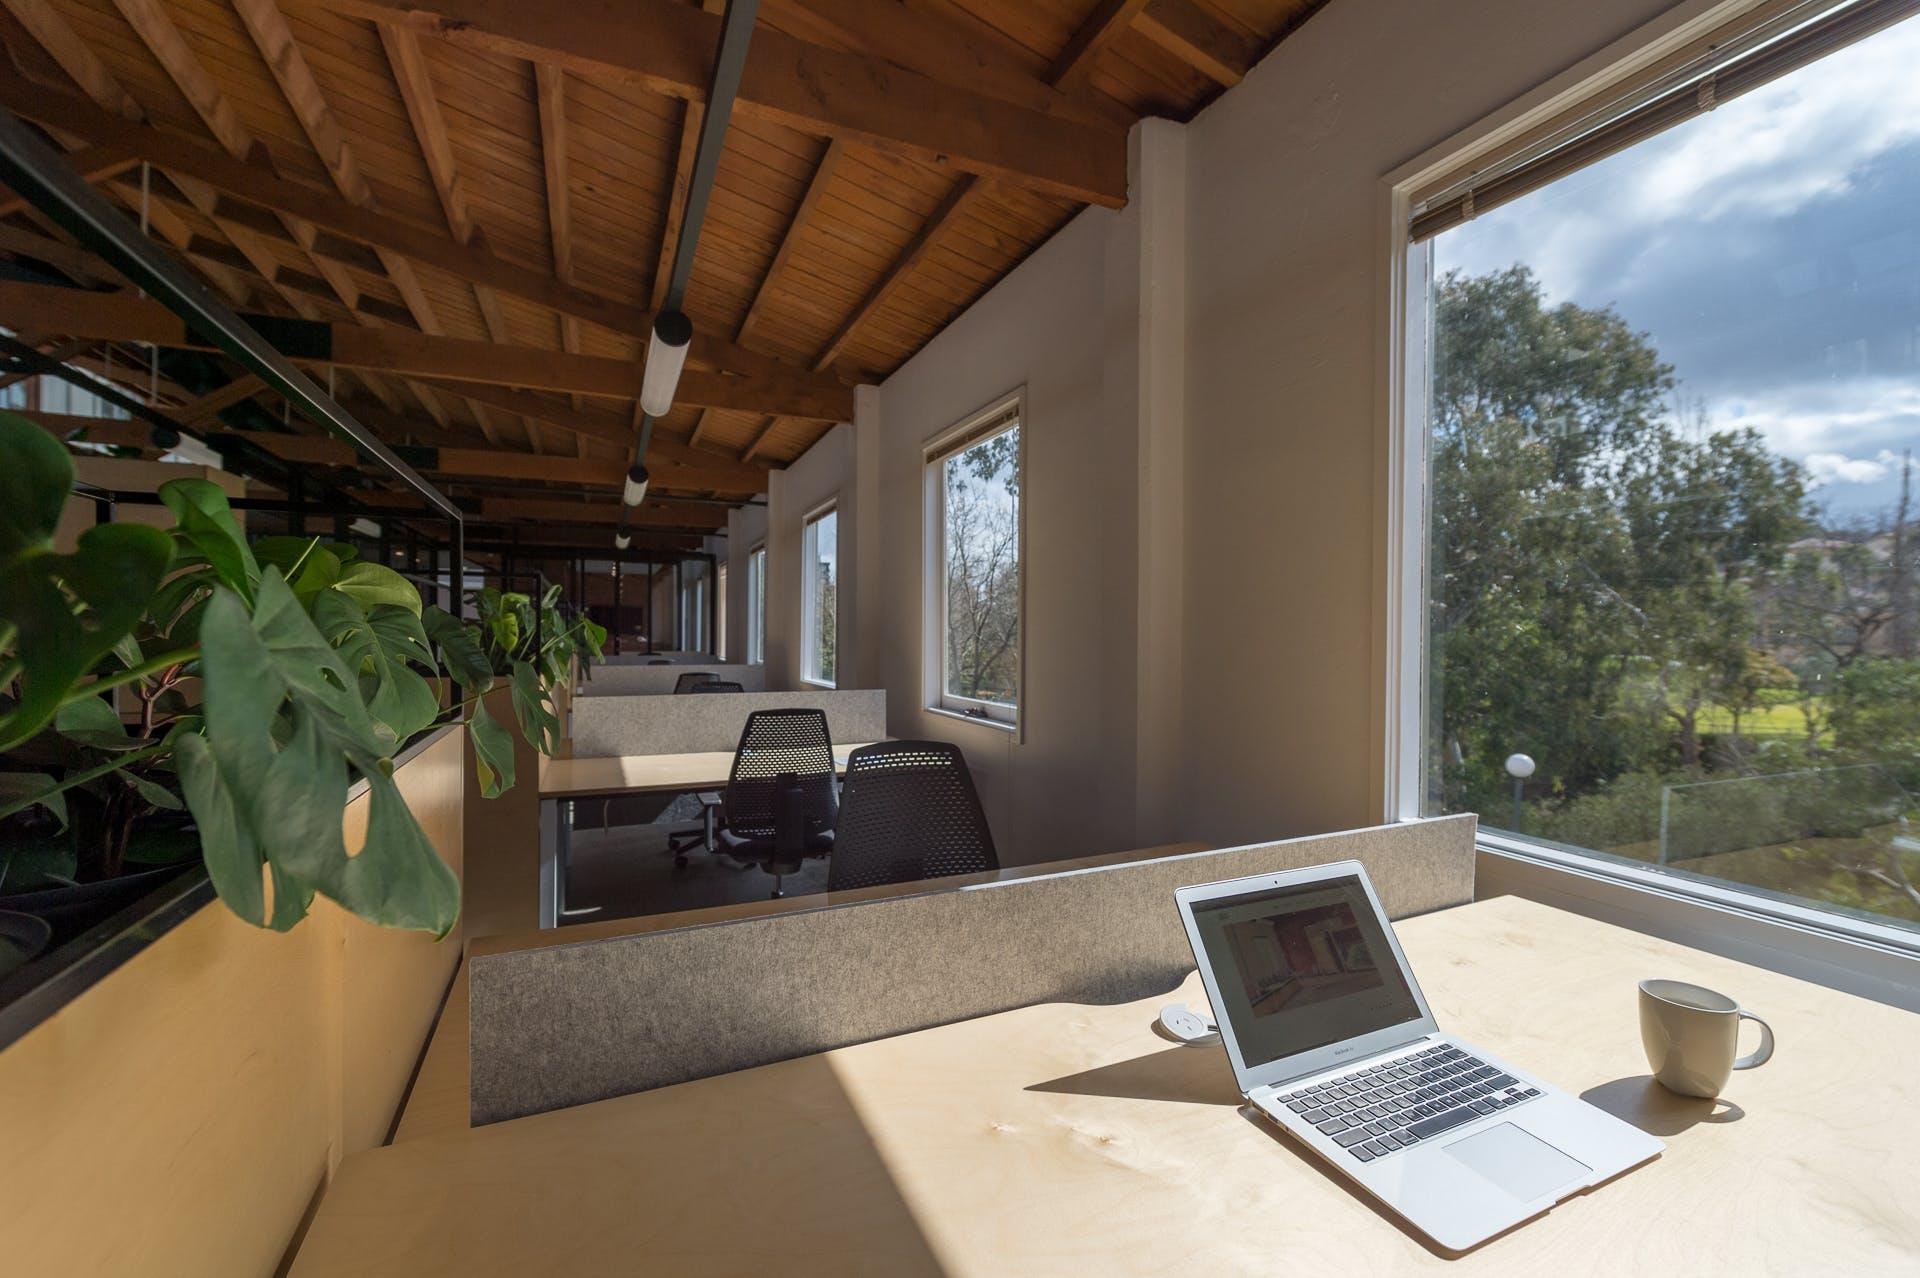 Full membership, dedicated desk at Higher Spaces, image 1